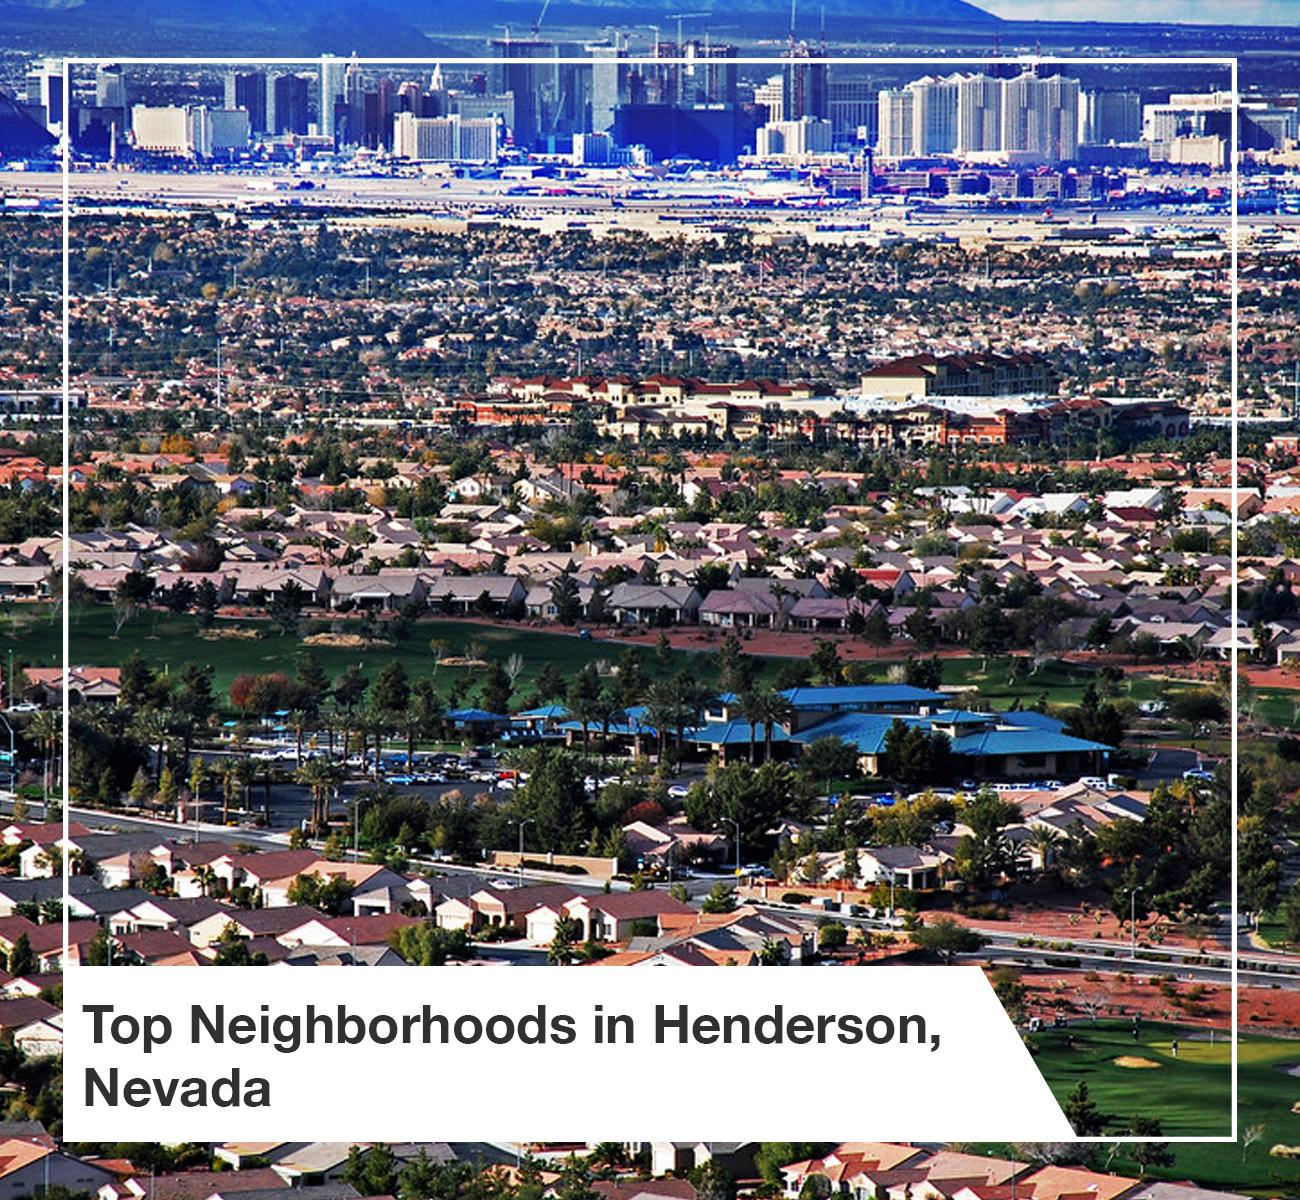 Top Neighborhoods in Henderson Nevada